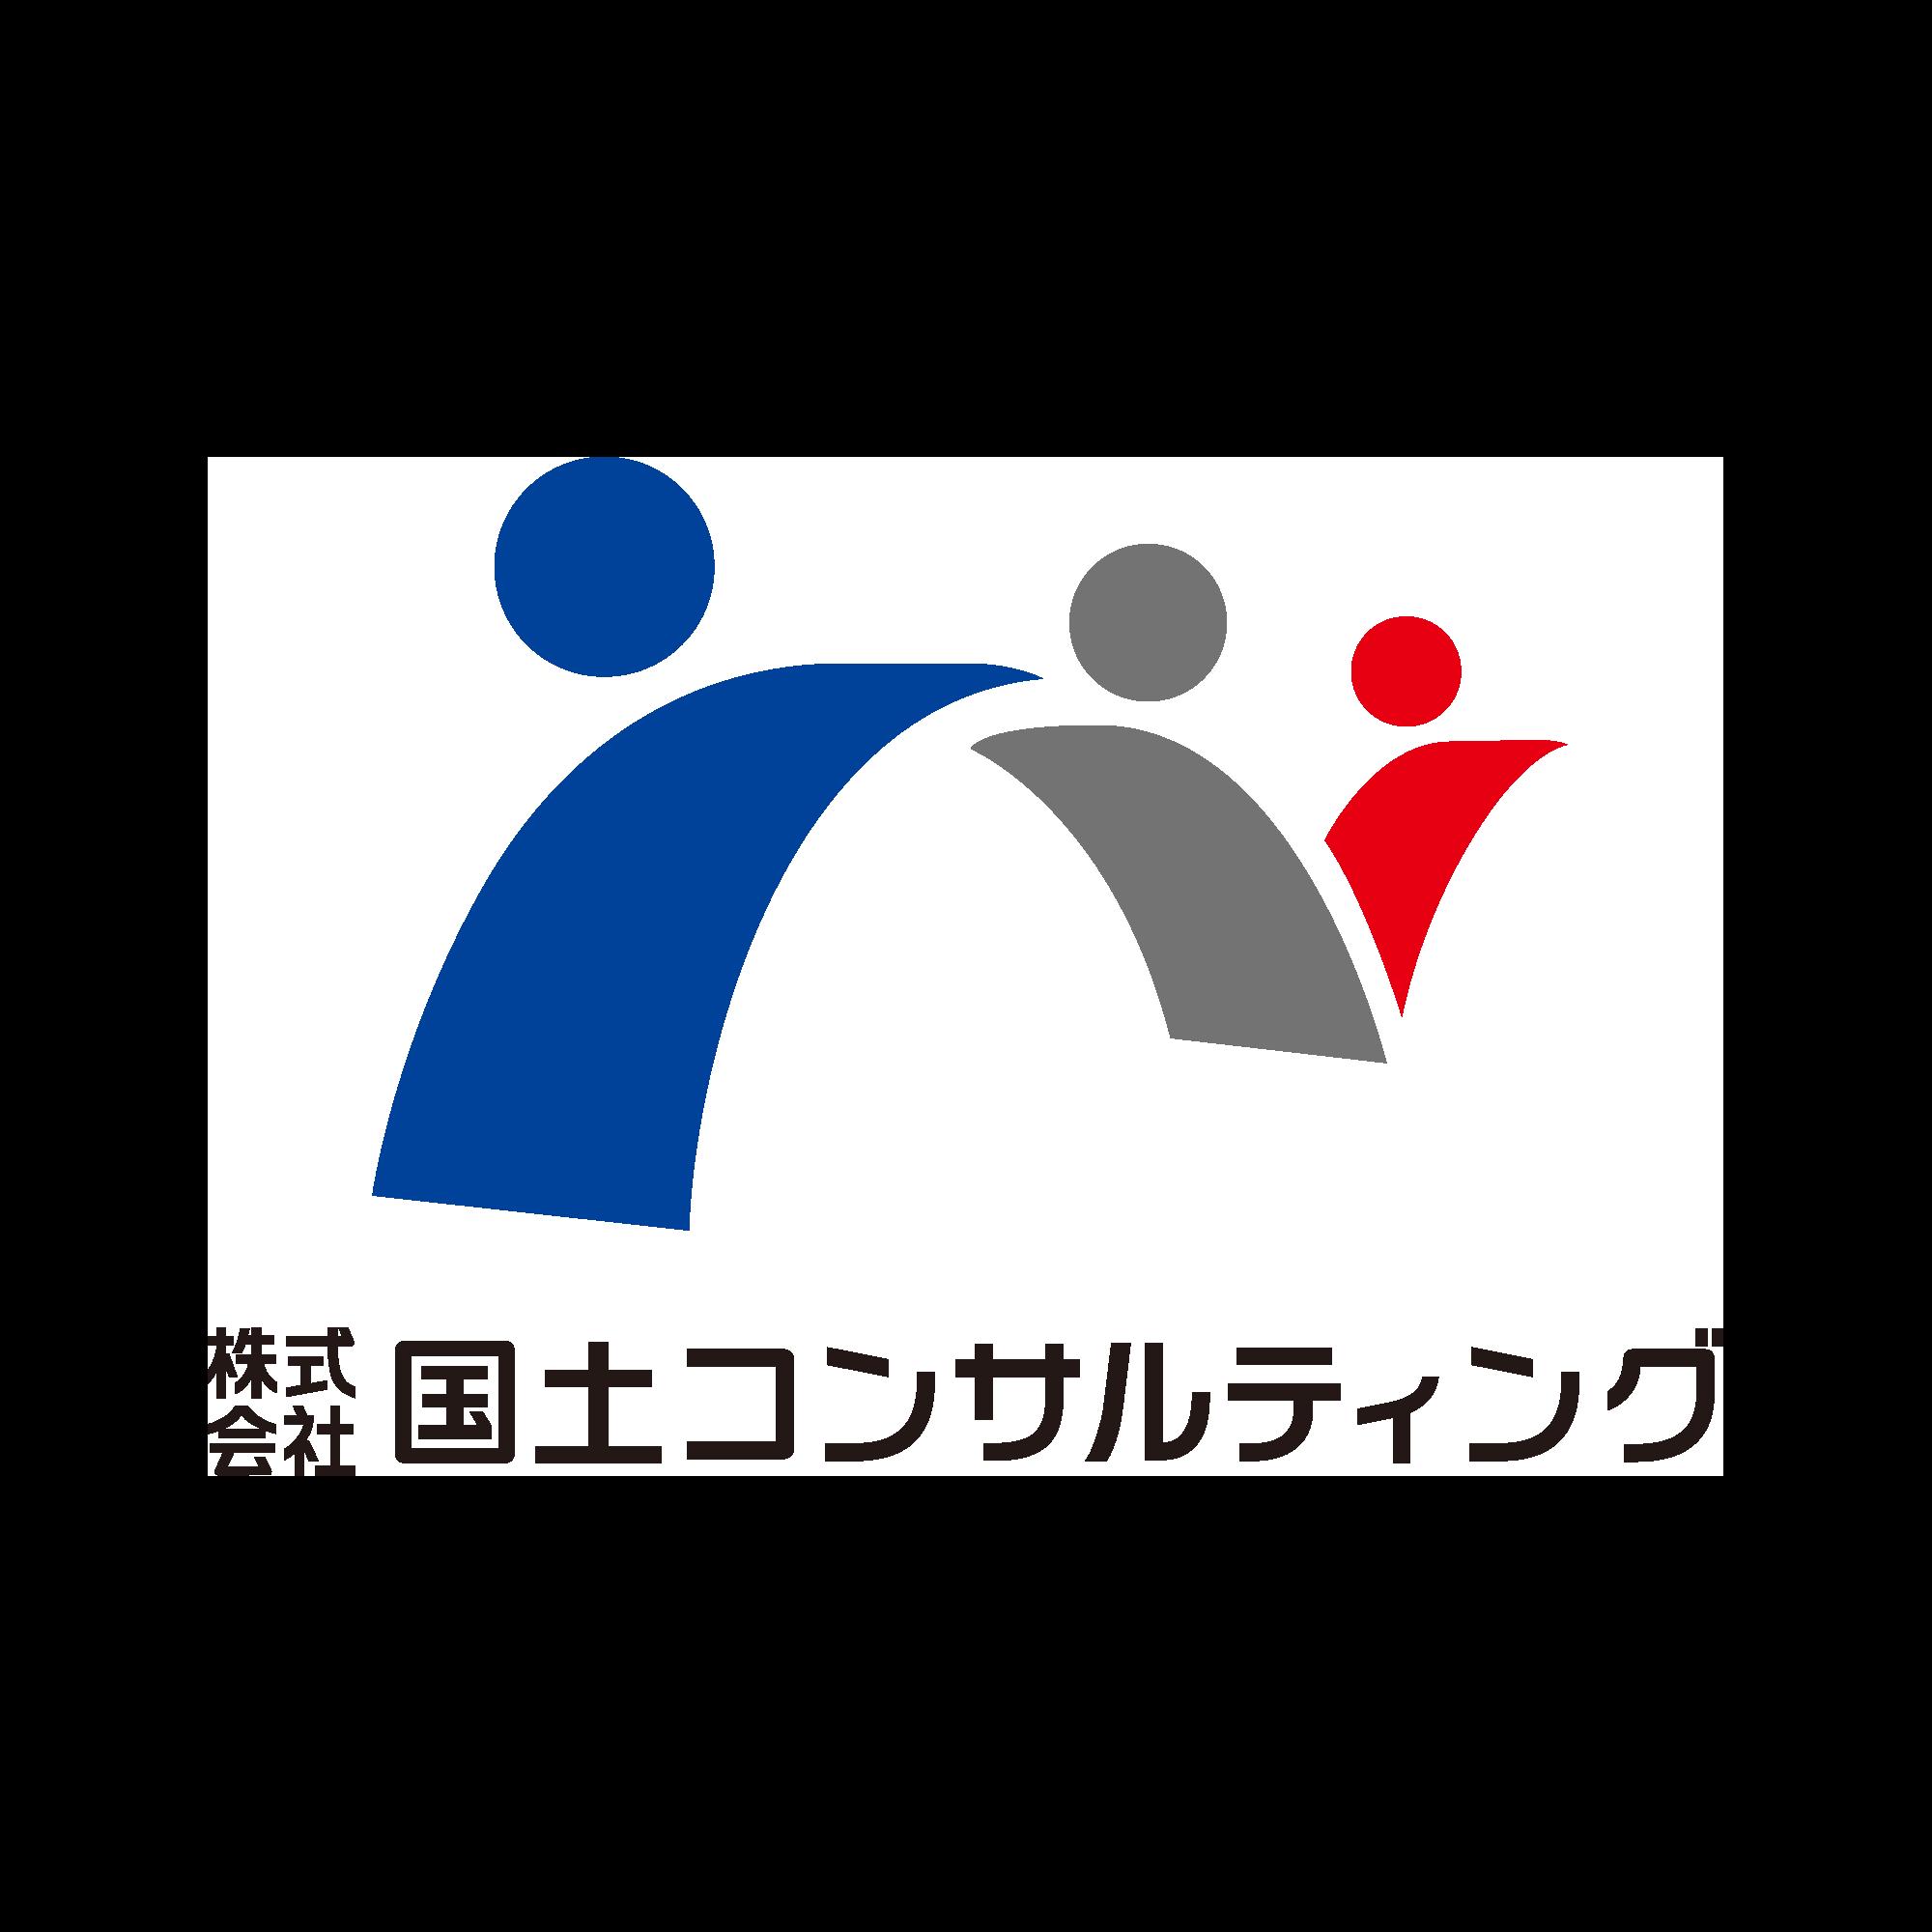 株式会社国土コンサルティング